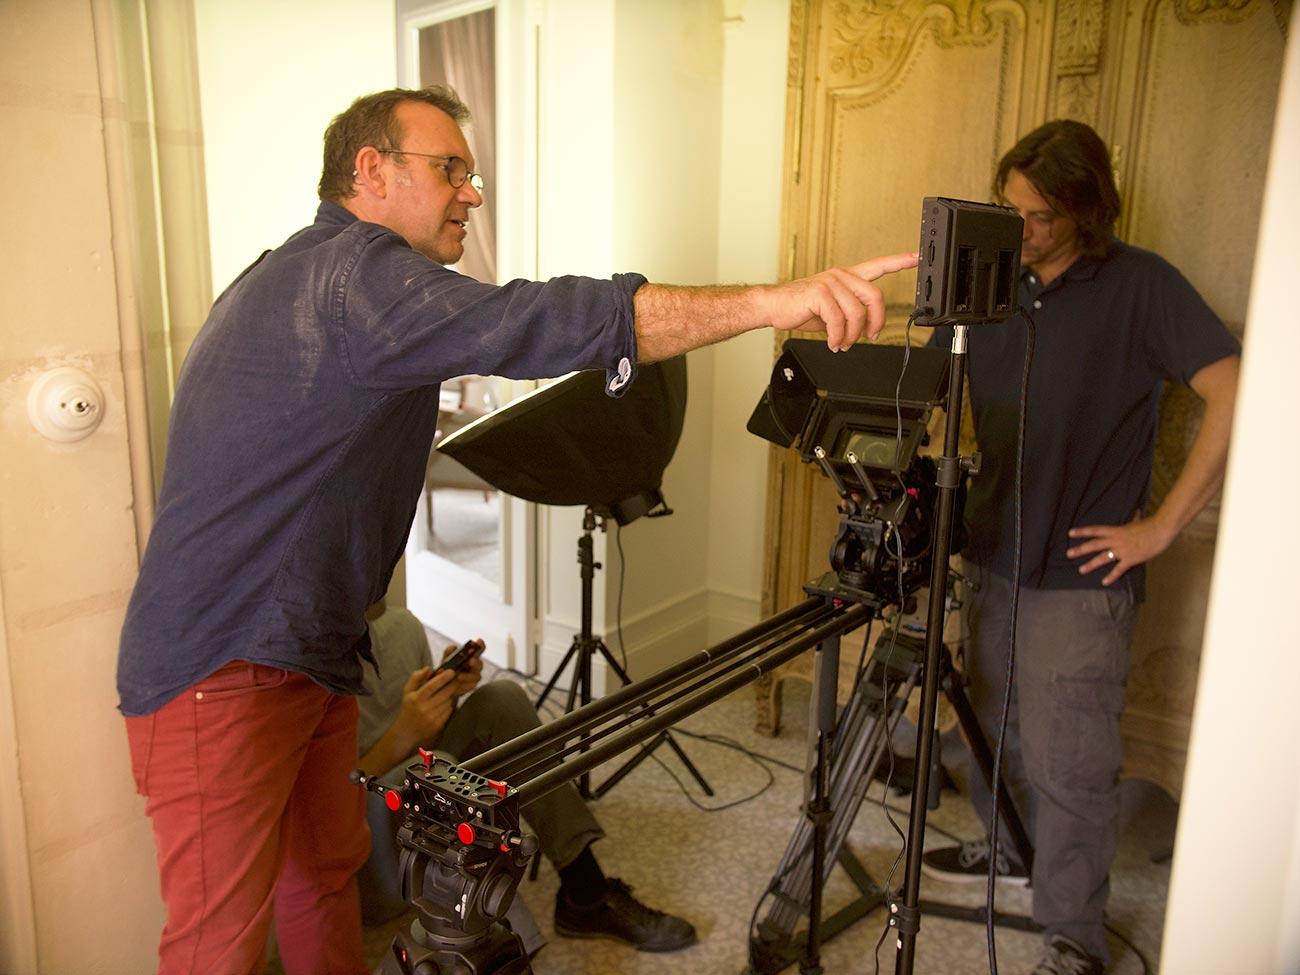 Tournage avec réalisateur de Kronos Productions audiovisuelles